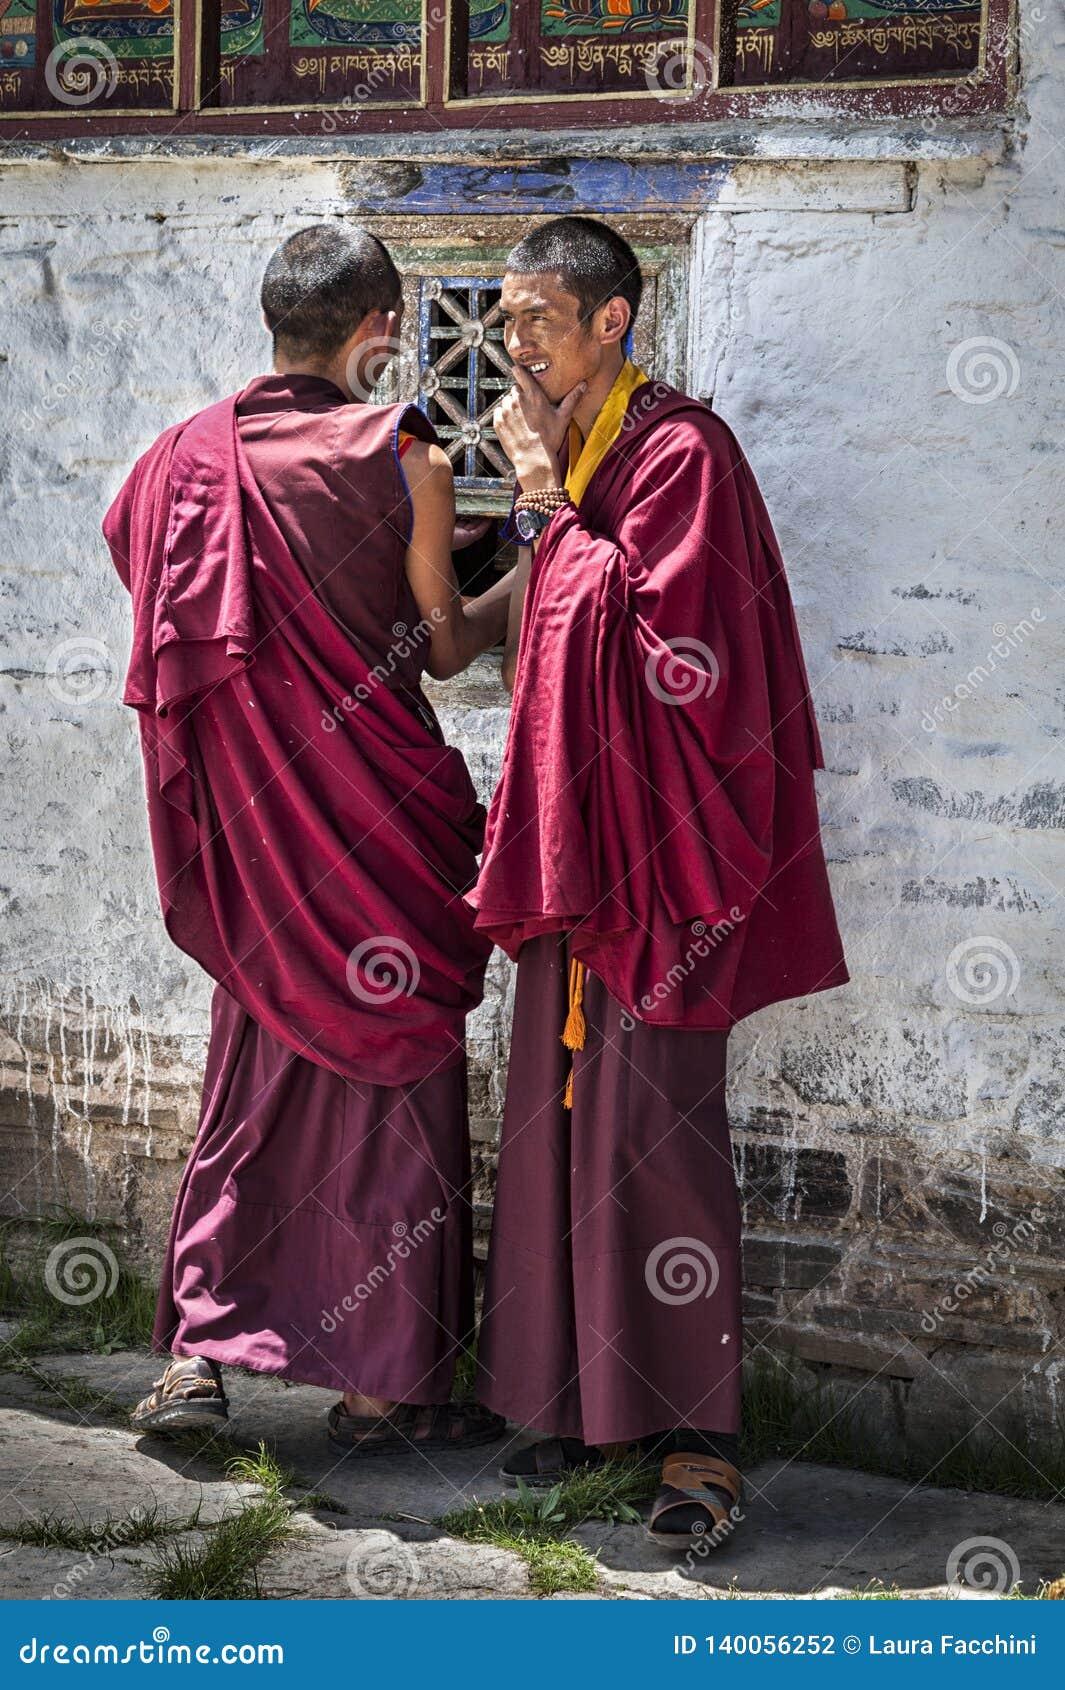 Μη αναγνωρισμένοι νέοι θιβετιανοί μοναχοί στο προαύλιο του μοναστηριού Mindroling - κομητεία Zhanang, νομαρχιακό διαμέρισμα Shann